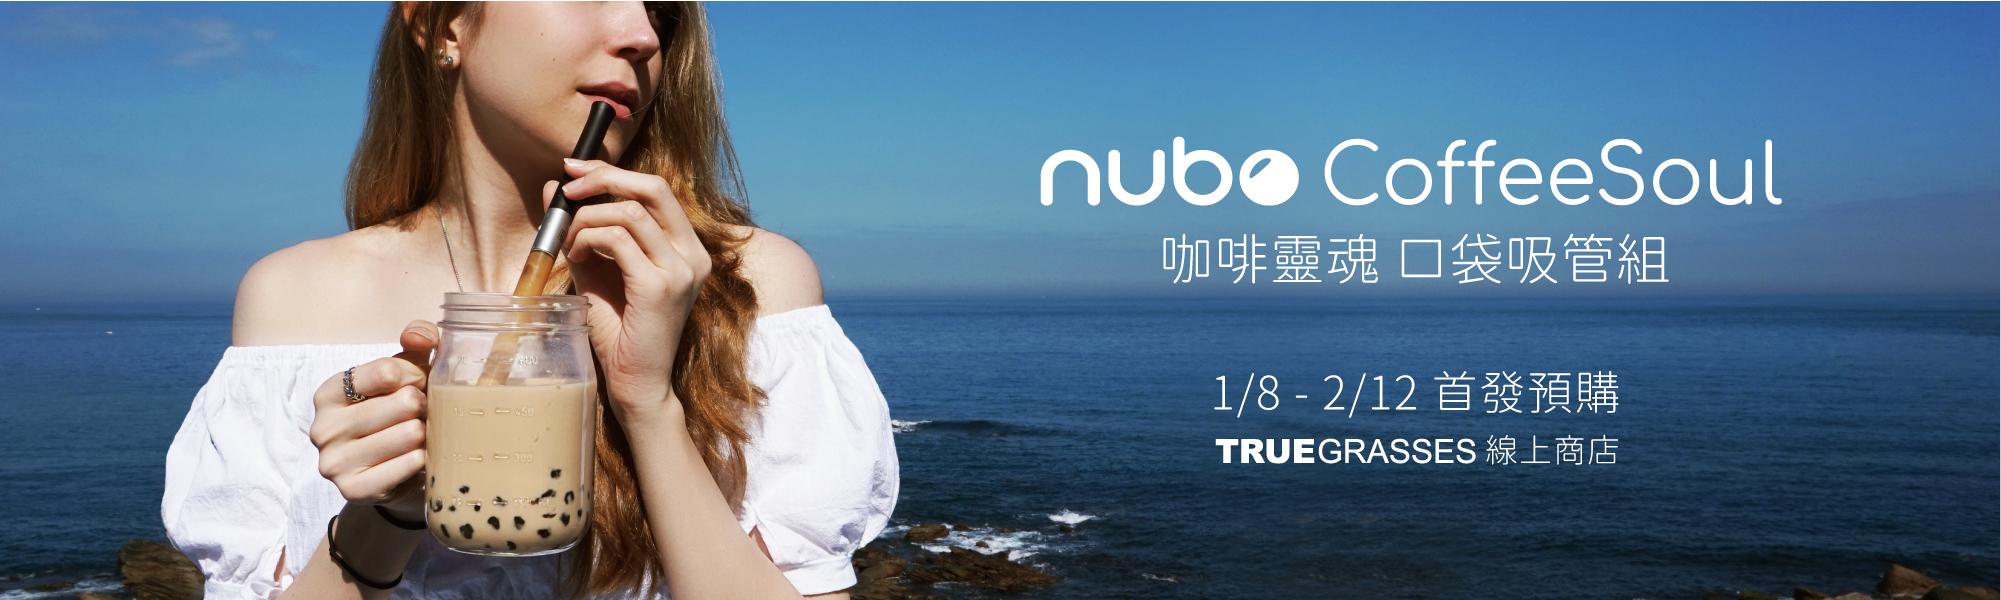 限期預購 nubo CoffeeSoul 口袋吸管組